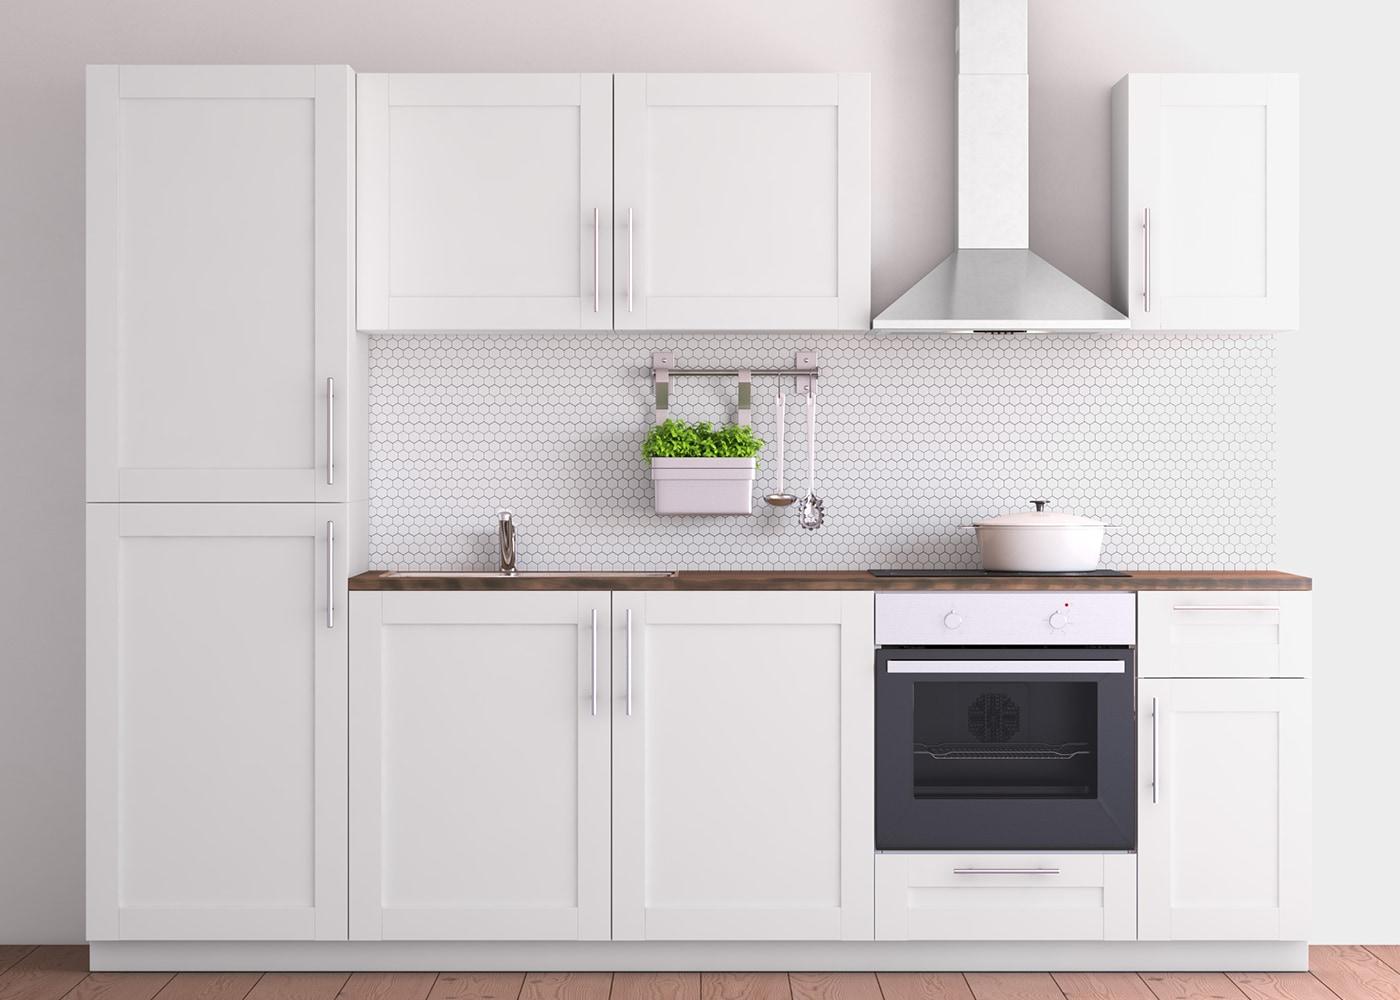 Tischdecke Weiß Ikea : metod k chenzeile mit s vedal fronten in wei ikea ~ Watch28wear.com Haus und Dekorationen